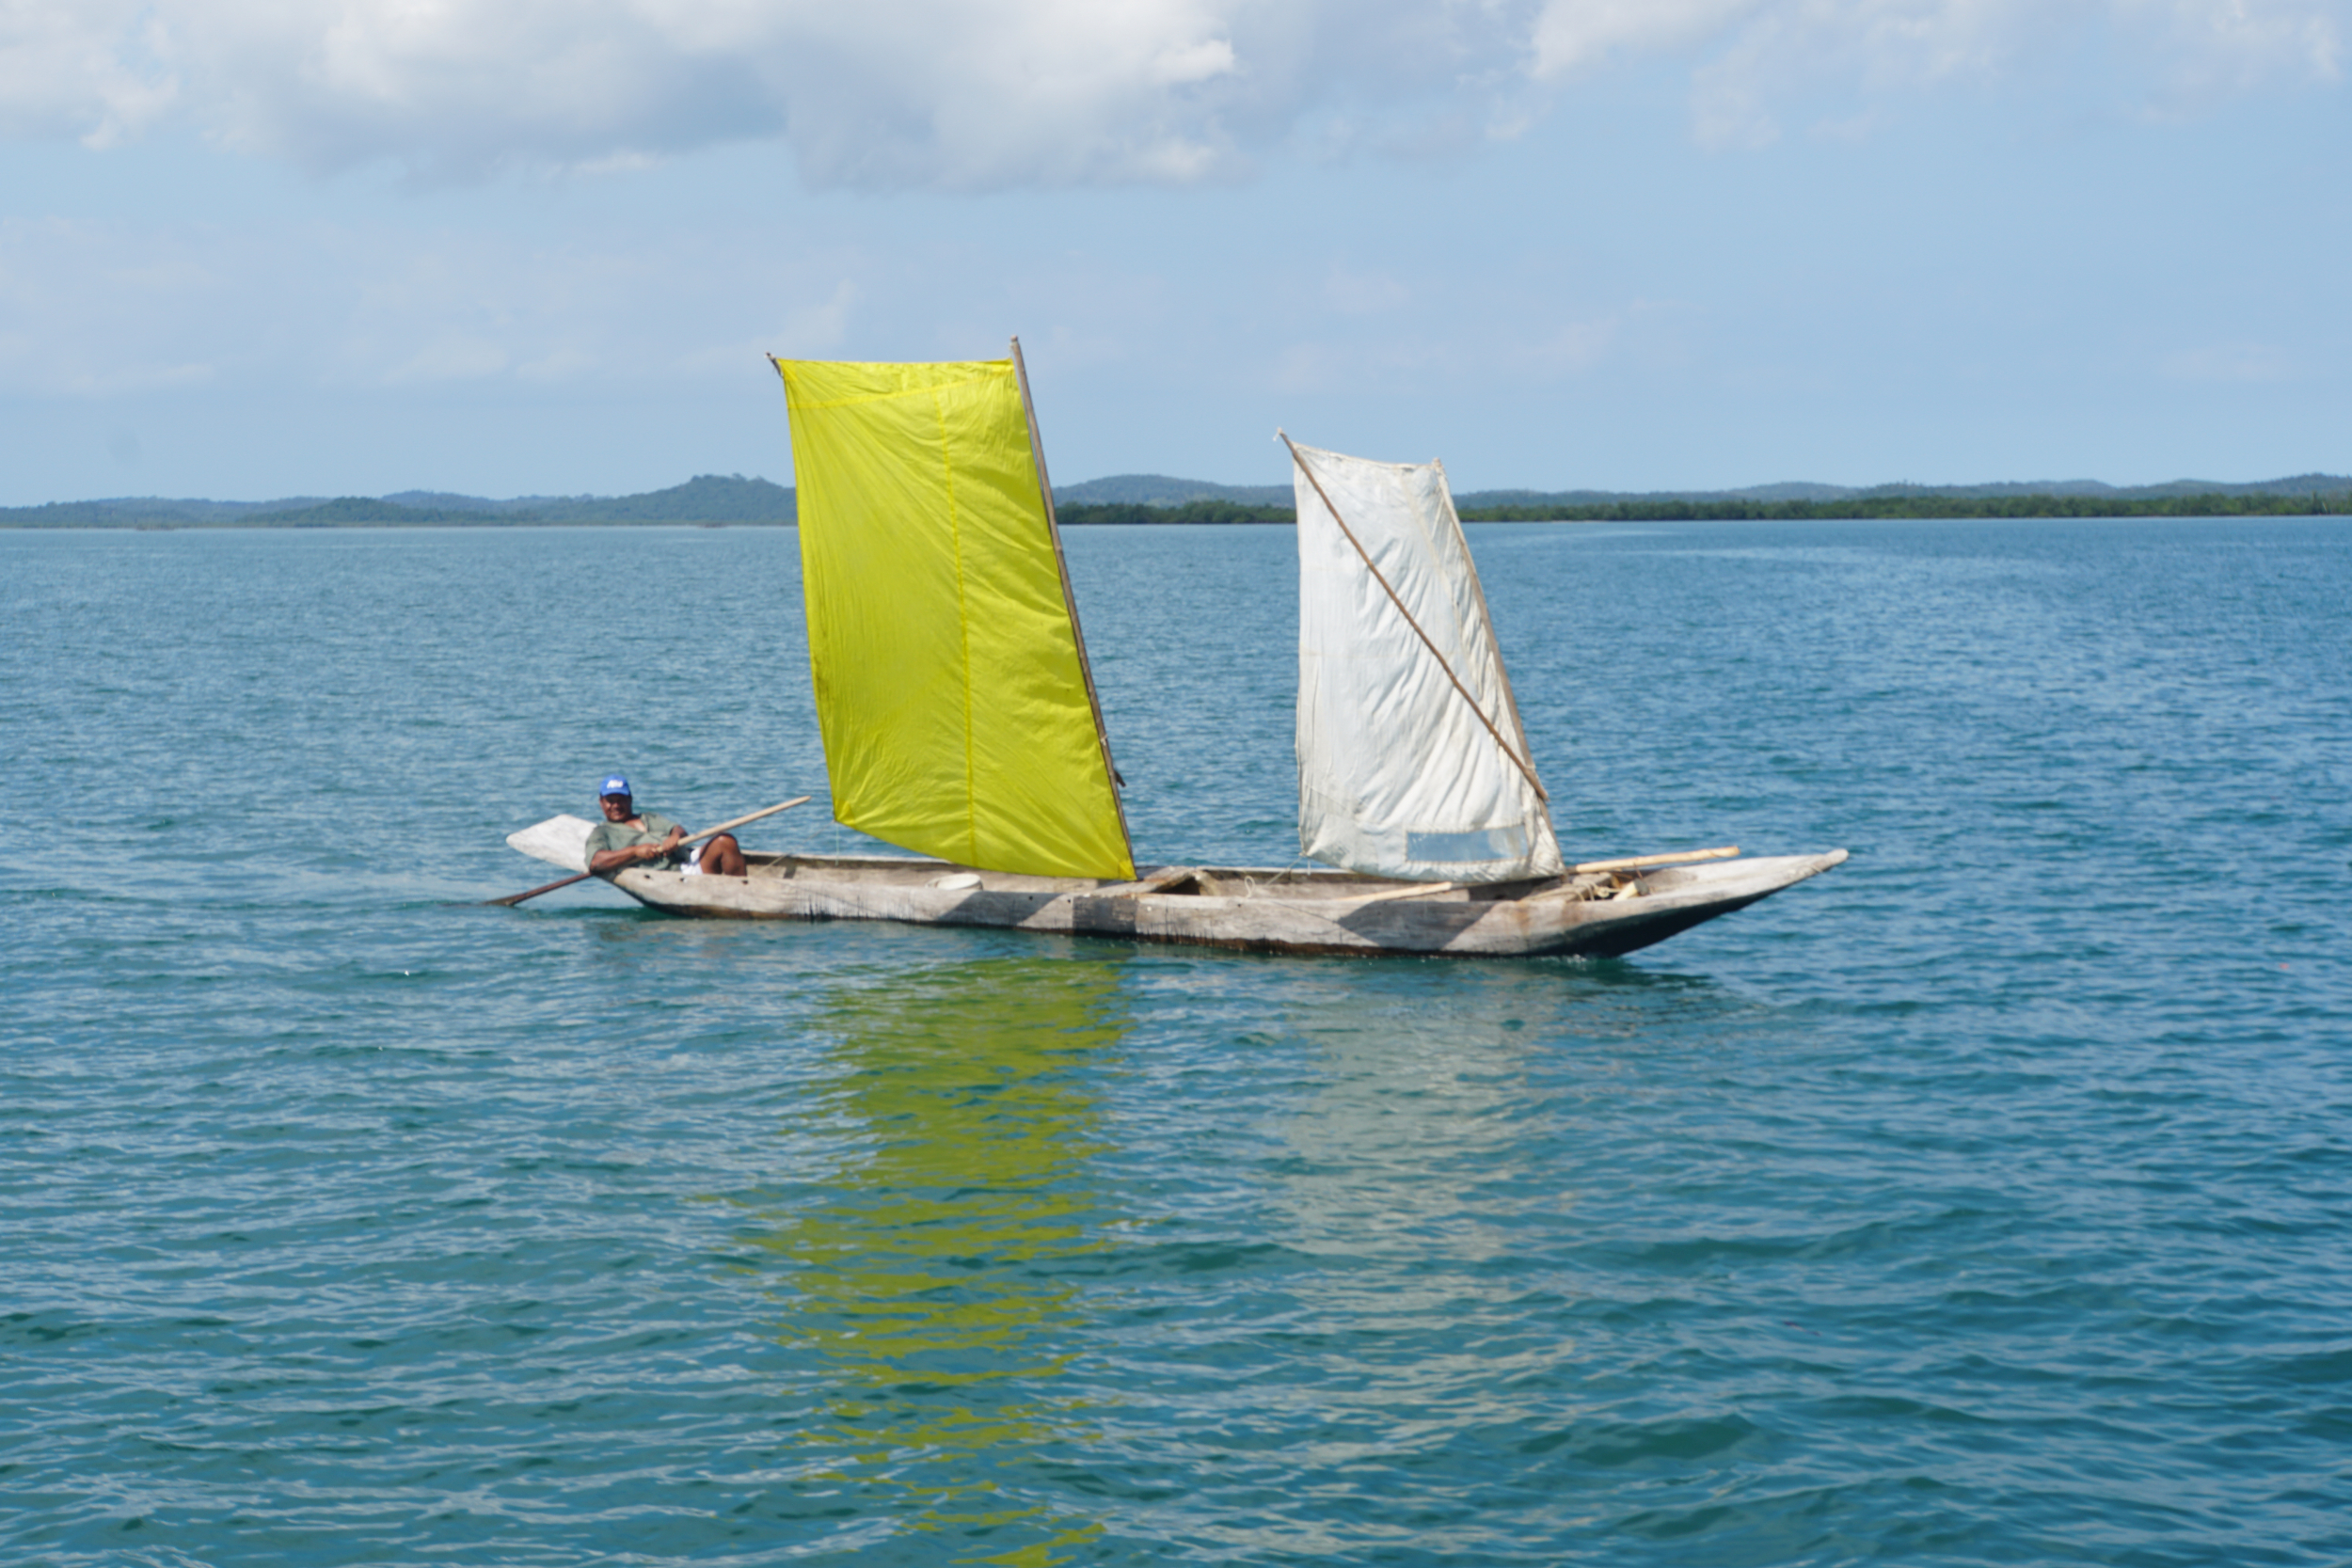 33. Native sailboat